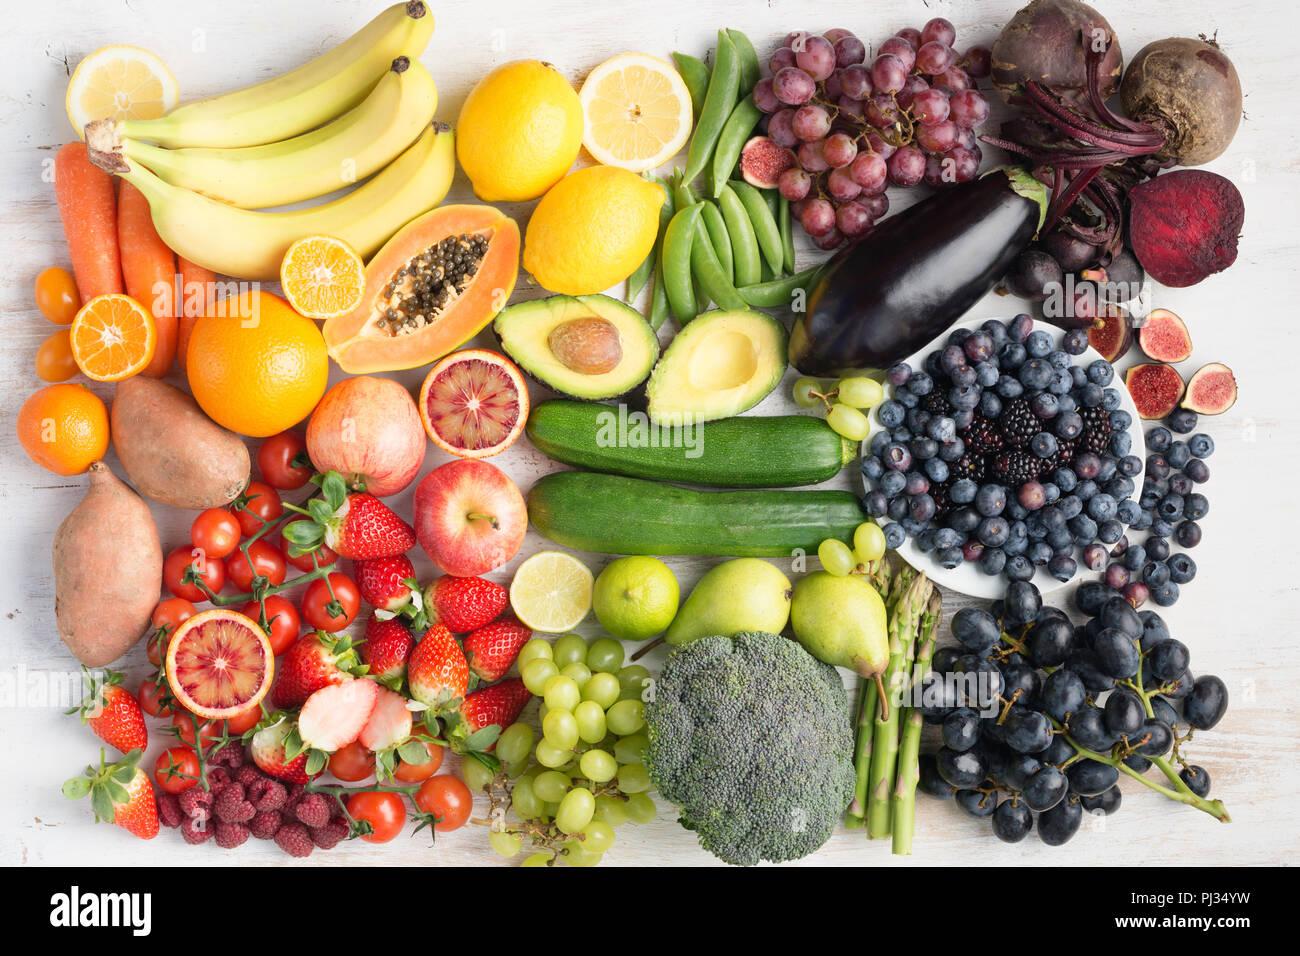 Gesunde Ernährung Konzept, Sortiment von Rainbow Obst und Gemüse, Beeren, Bananen, Orangen, Weintrauben, Brokkoli, rote Beete an der aus weissen Tisch in einem Rechteck, Ansicht von oben angeordnet, selektiver Fokus Stockbild